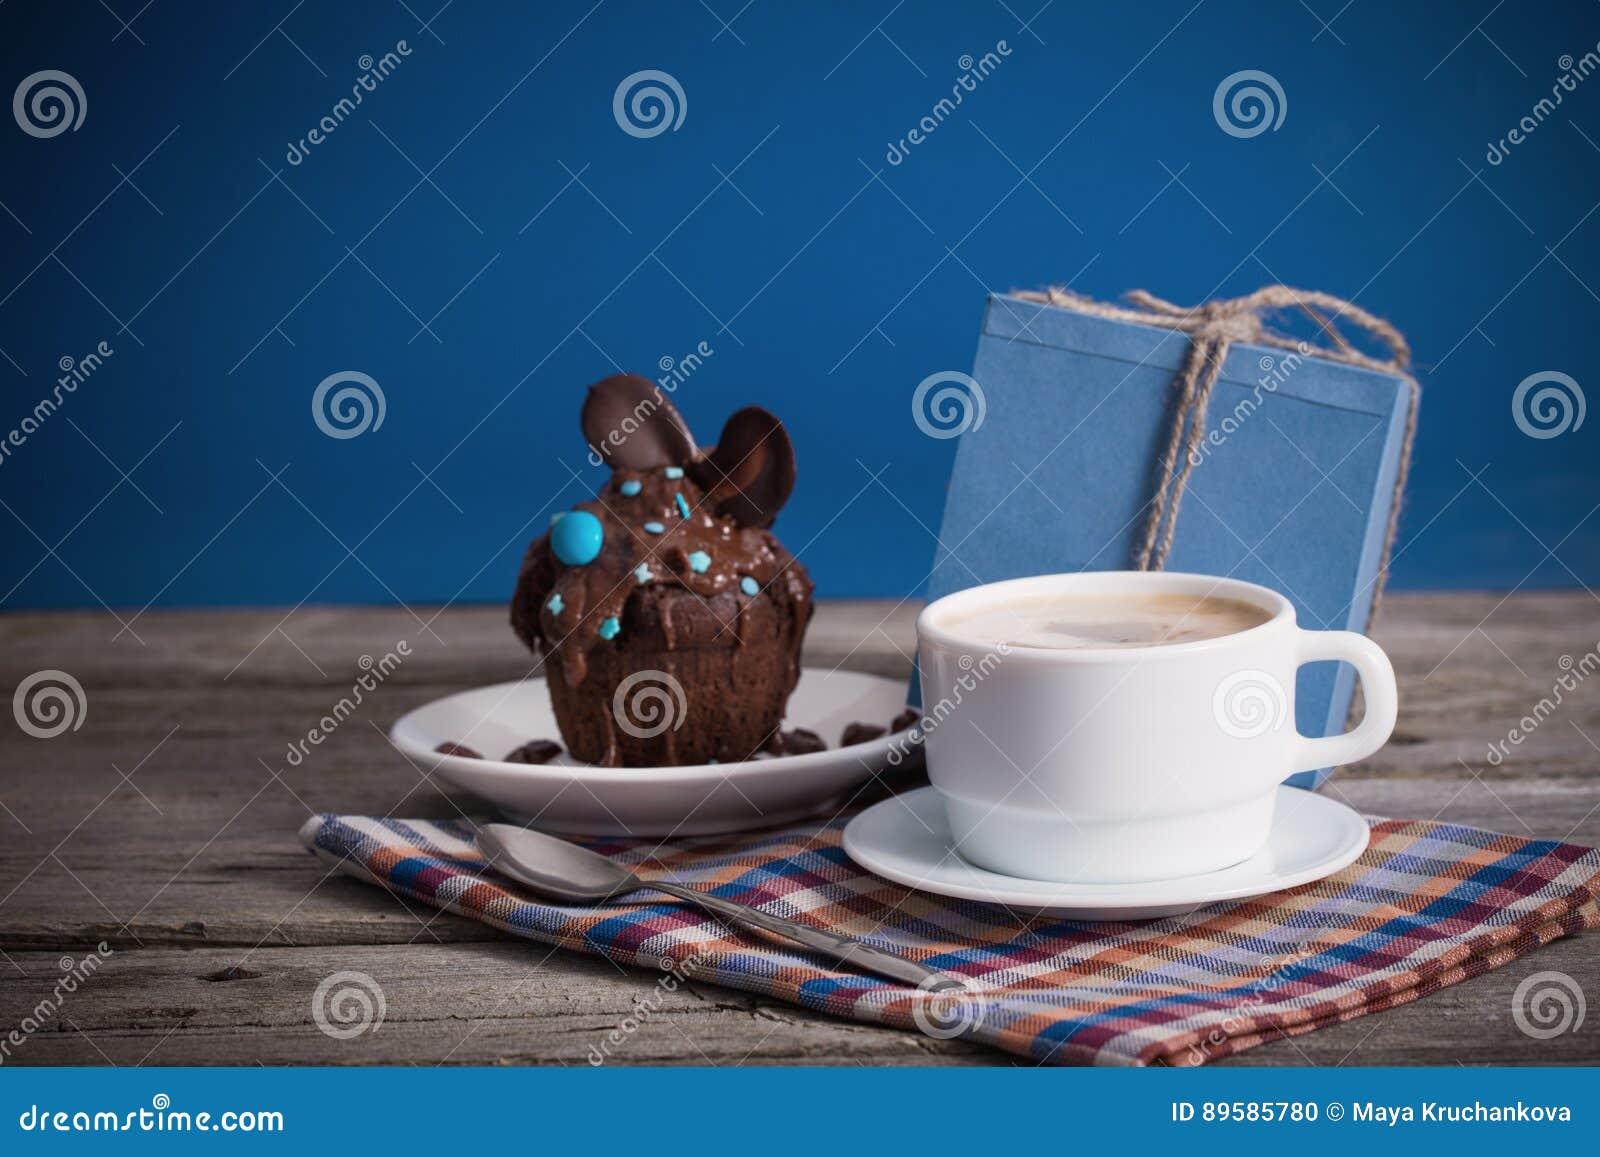 父亲节杯形蛋糕礼物和咖啡